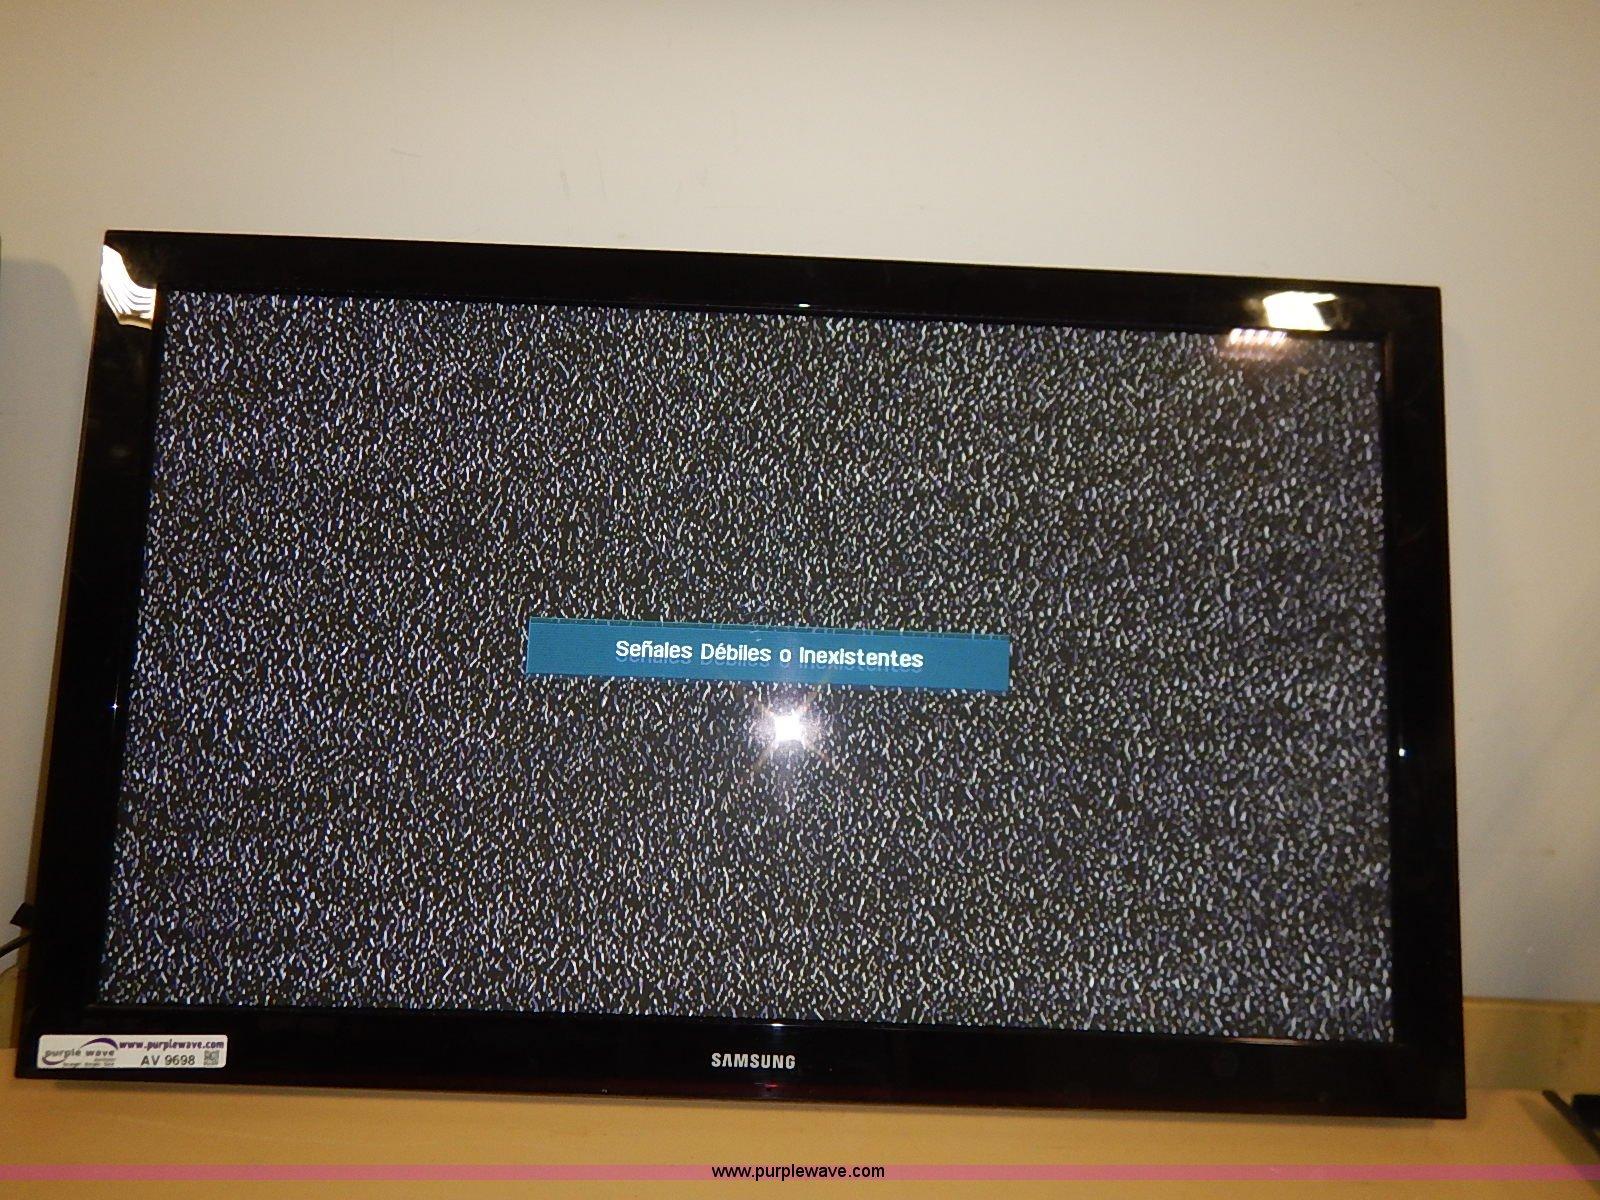 Samsung PN50B450B1D plasma television | Item AV9698 | SOLD!